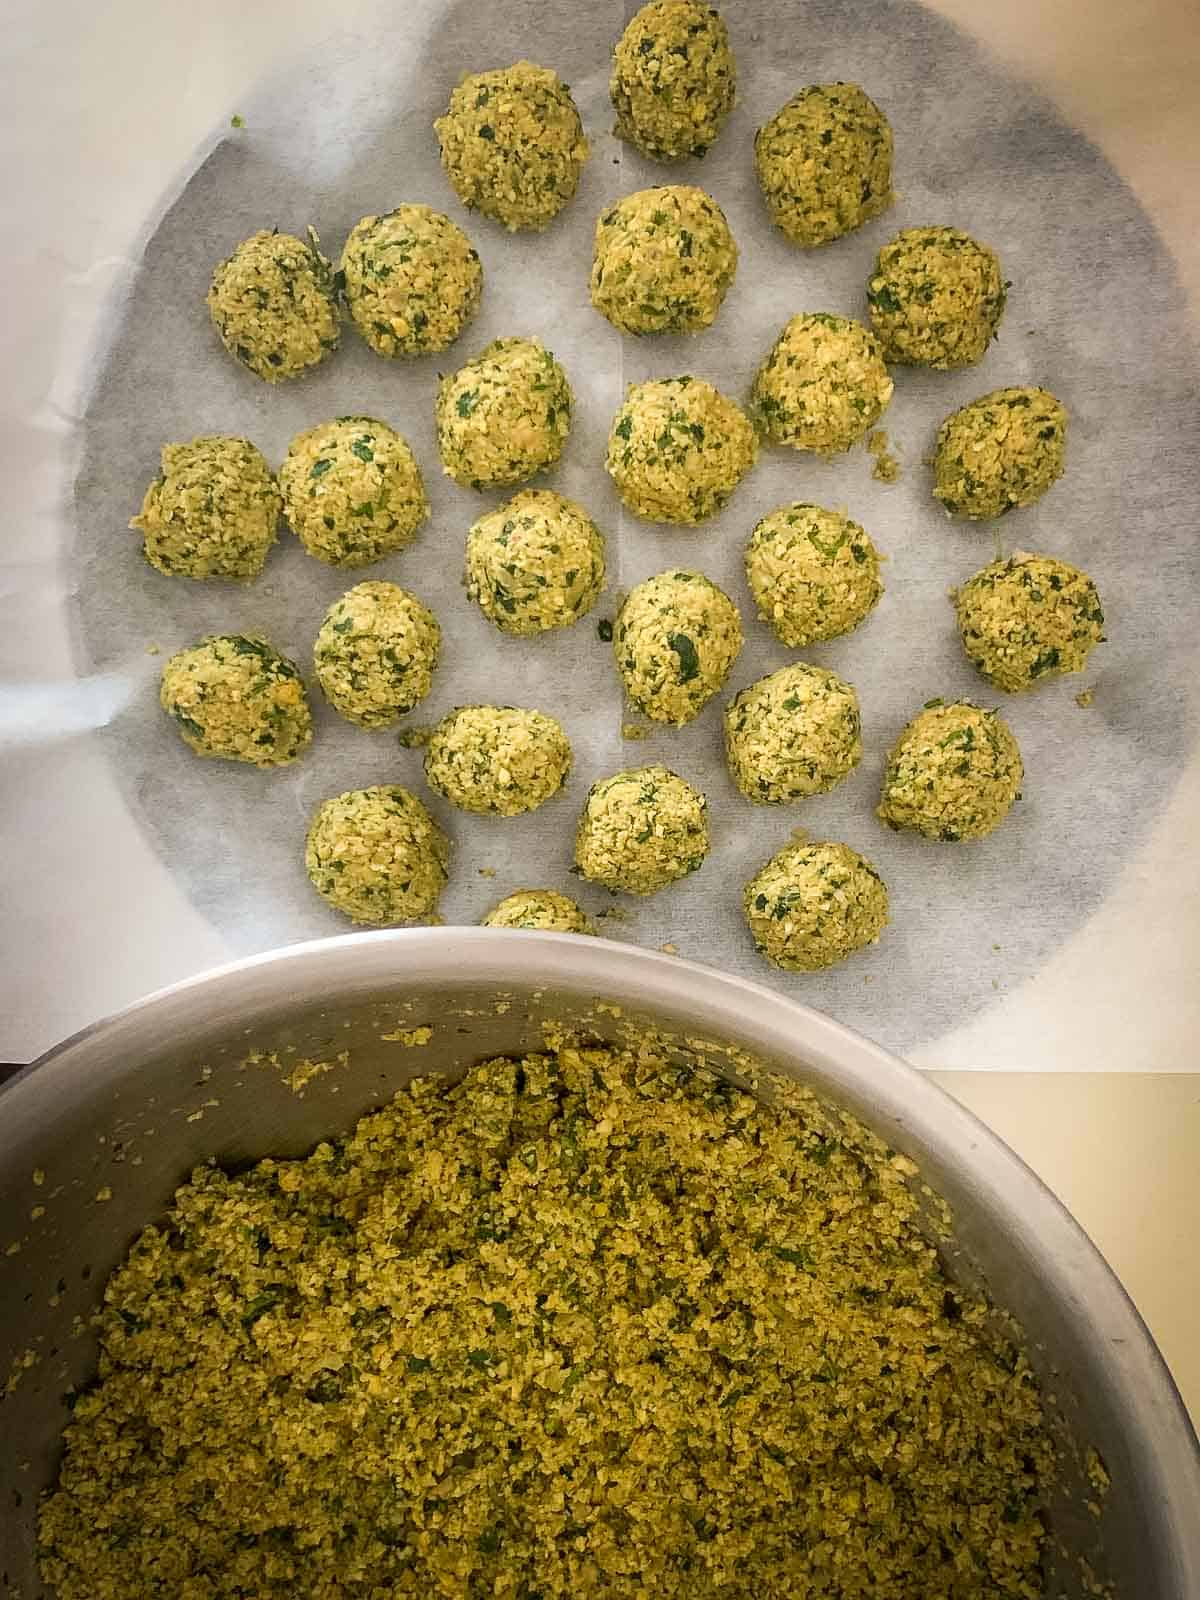 Prepping Falafel balls